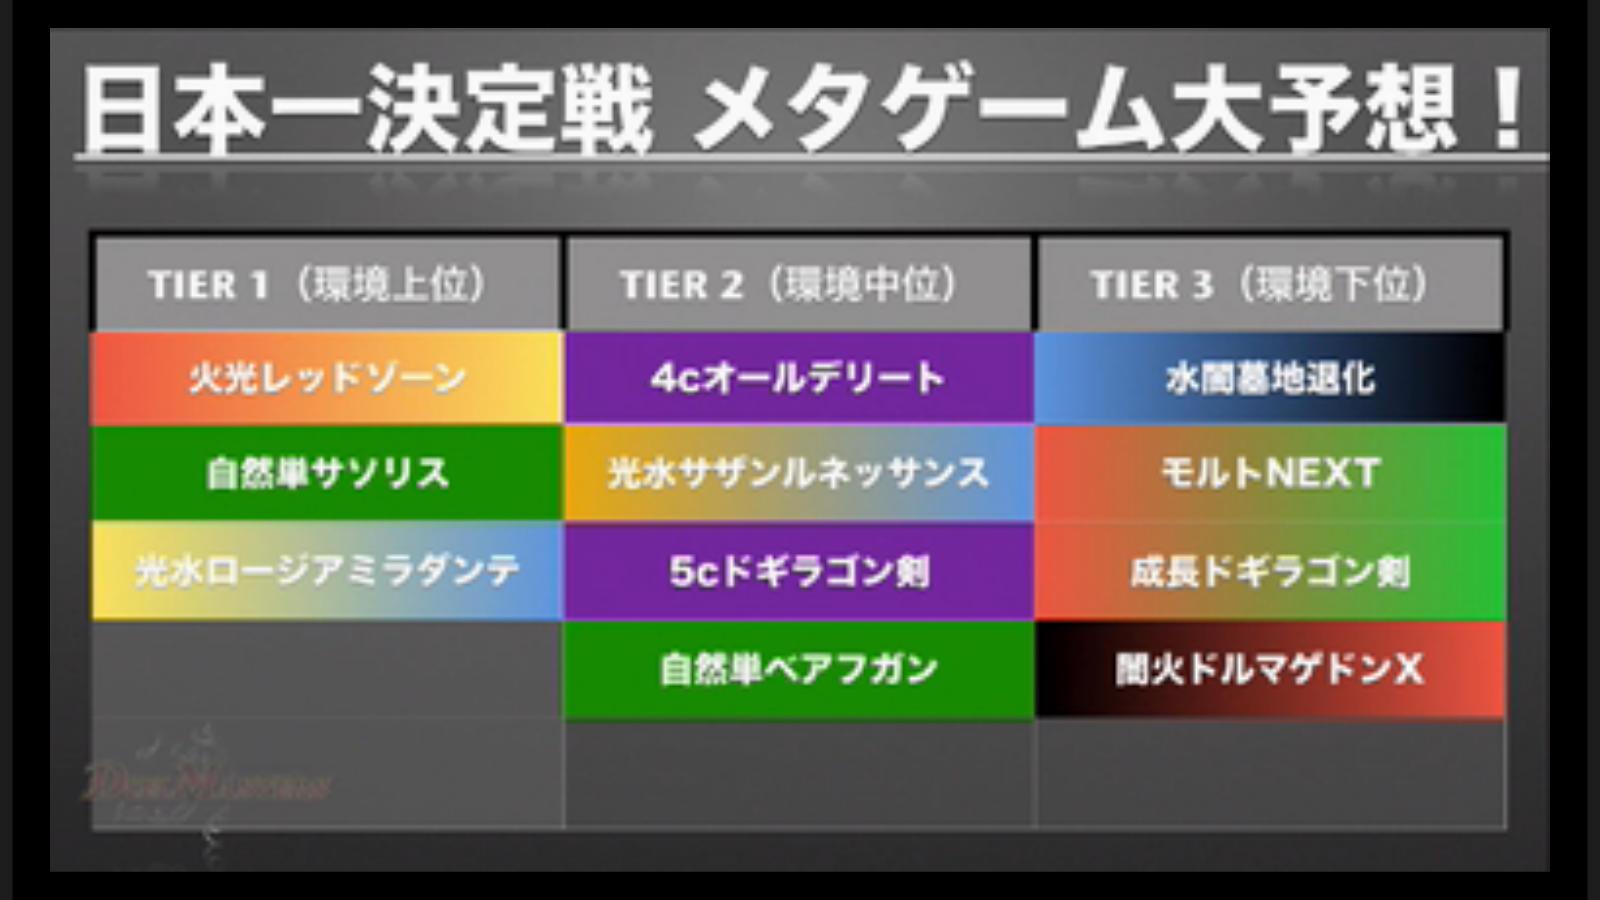 dm-kakumei-finalcup-news-170226-008.jpg